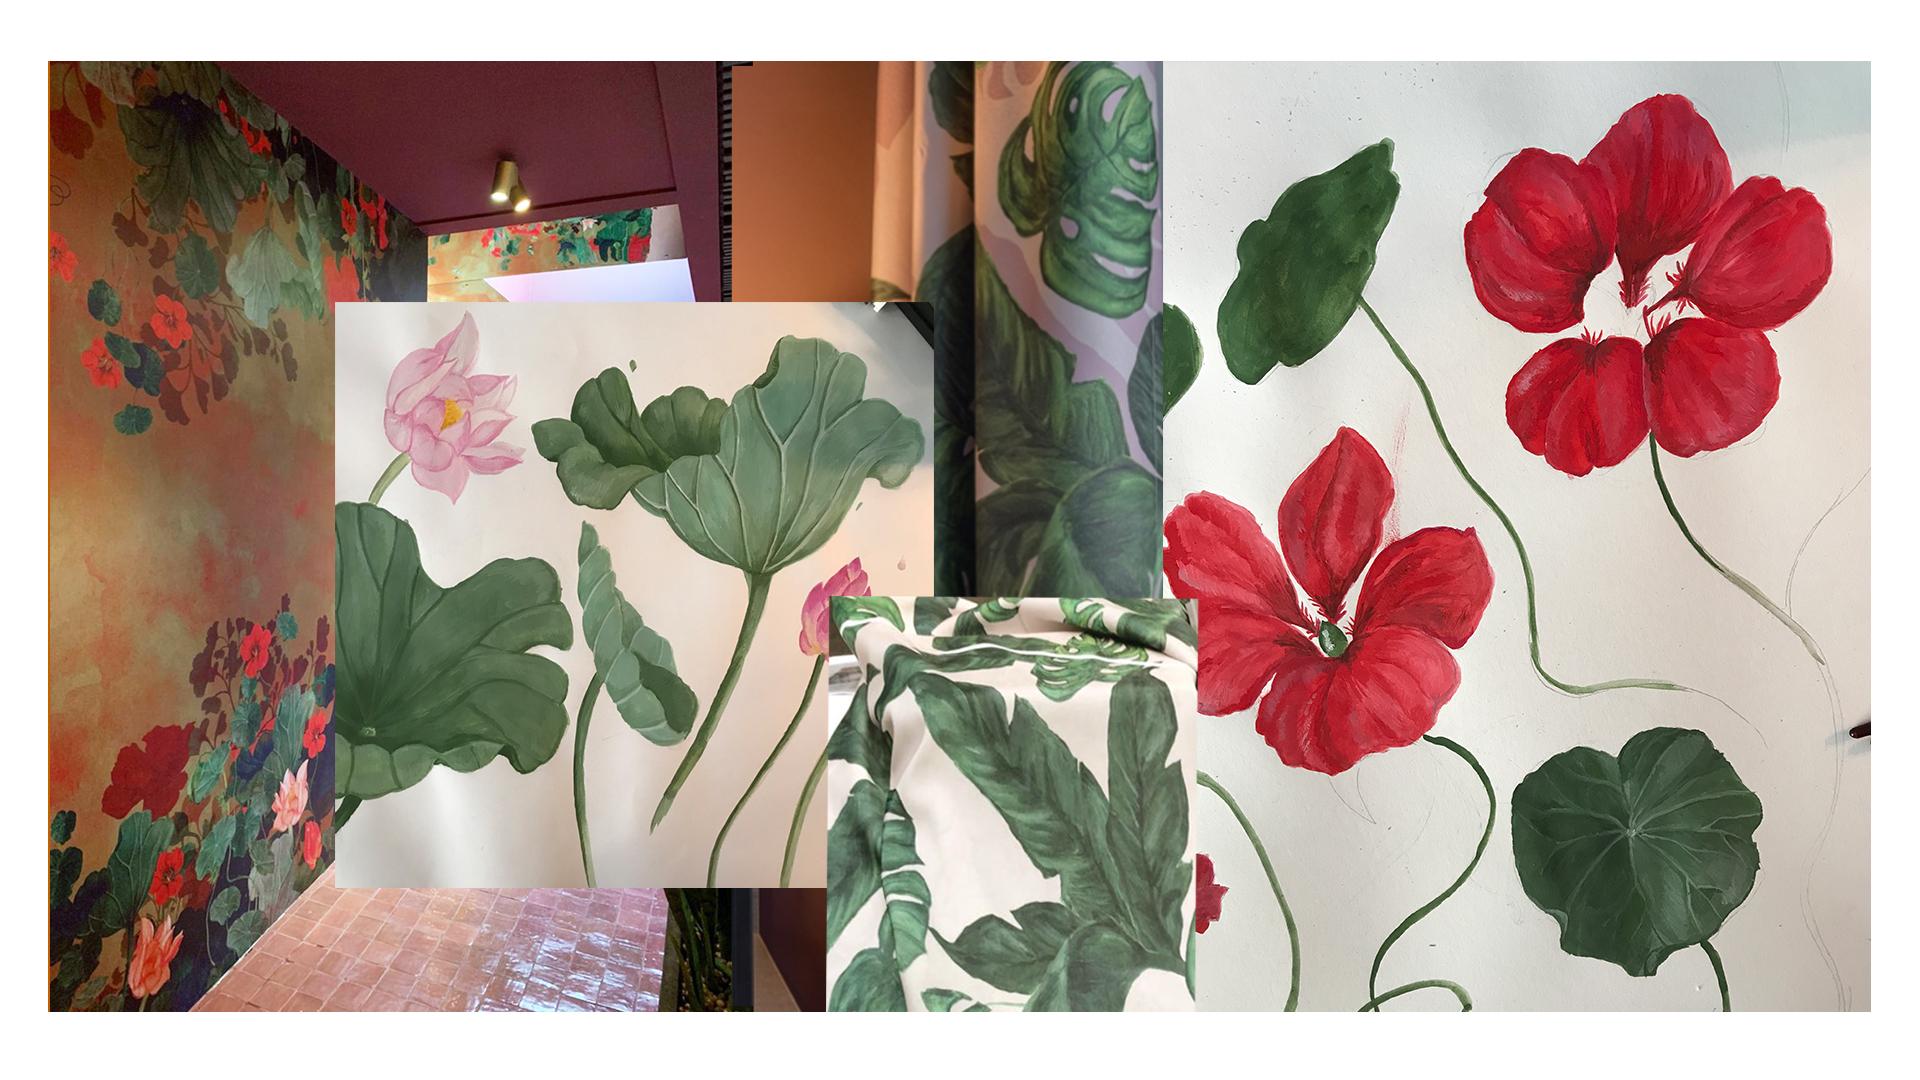 Op deze afbeelding is een moodboard te zien van verschillende handgeschilderde werken en foto's van behang en stof ontwerpen gemaakt door Elisabeth Ruijgrok.